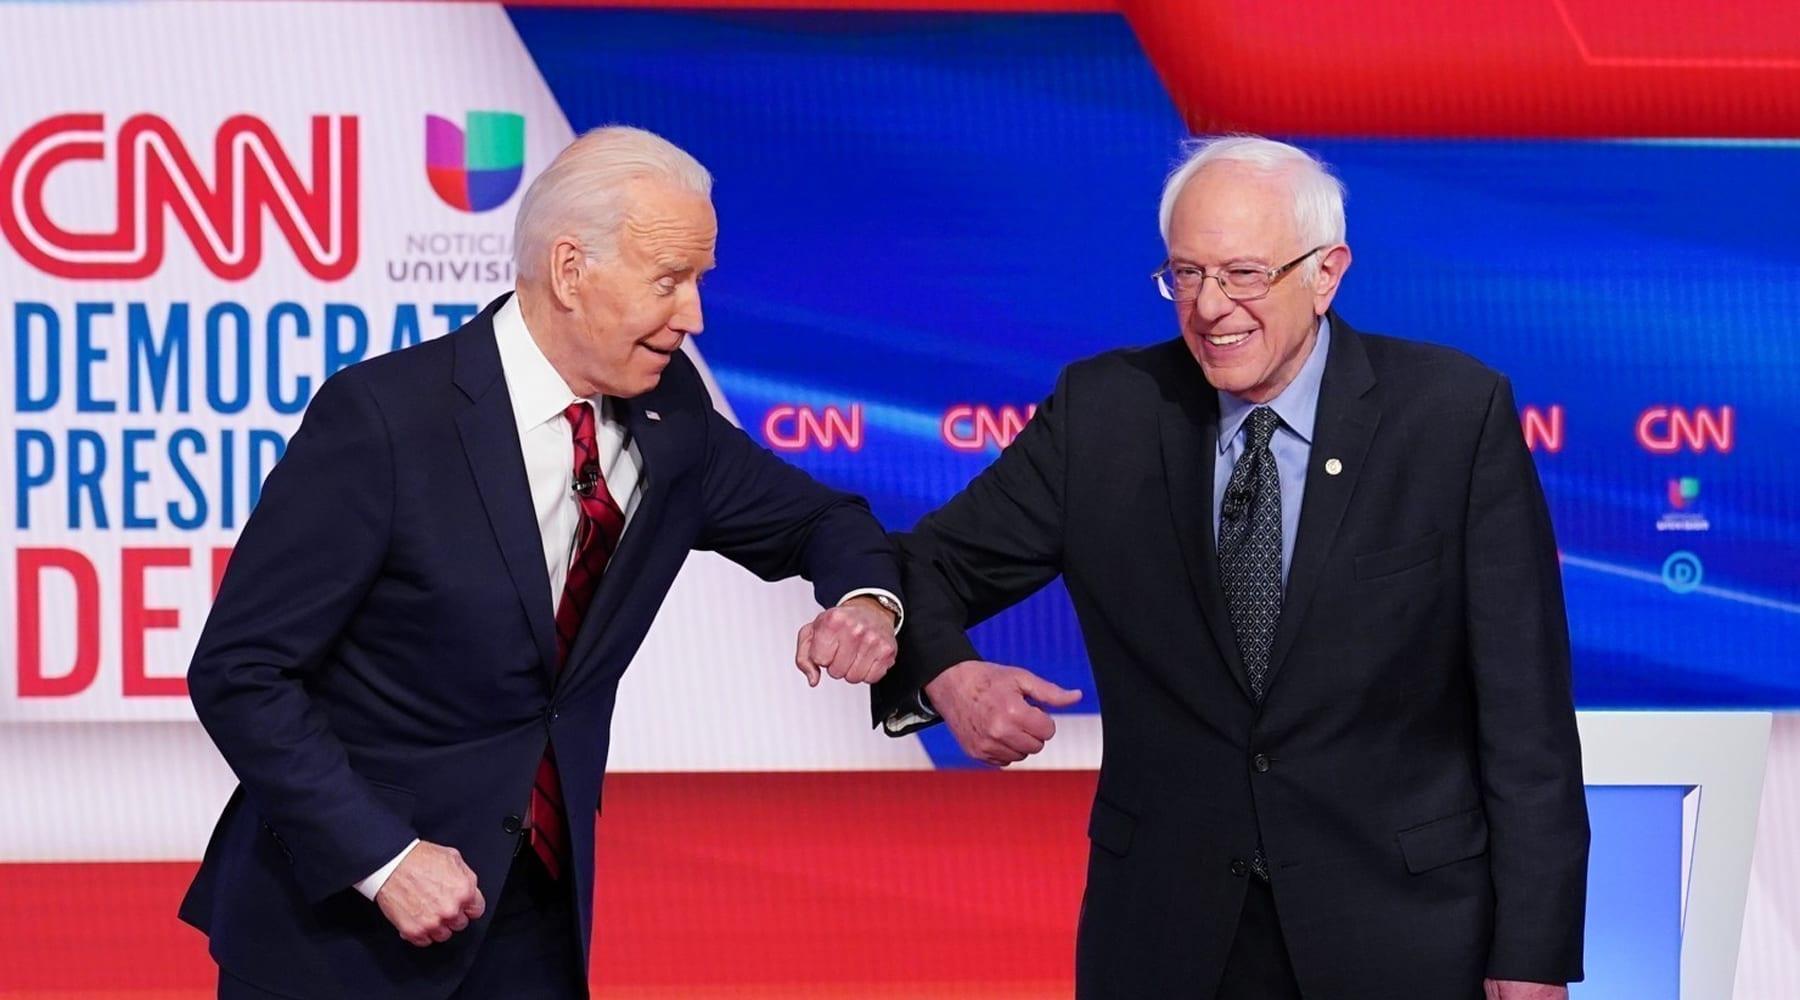 Clinton to Endorse Biden